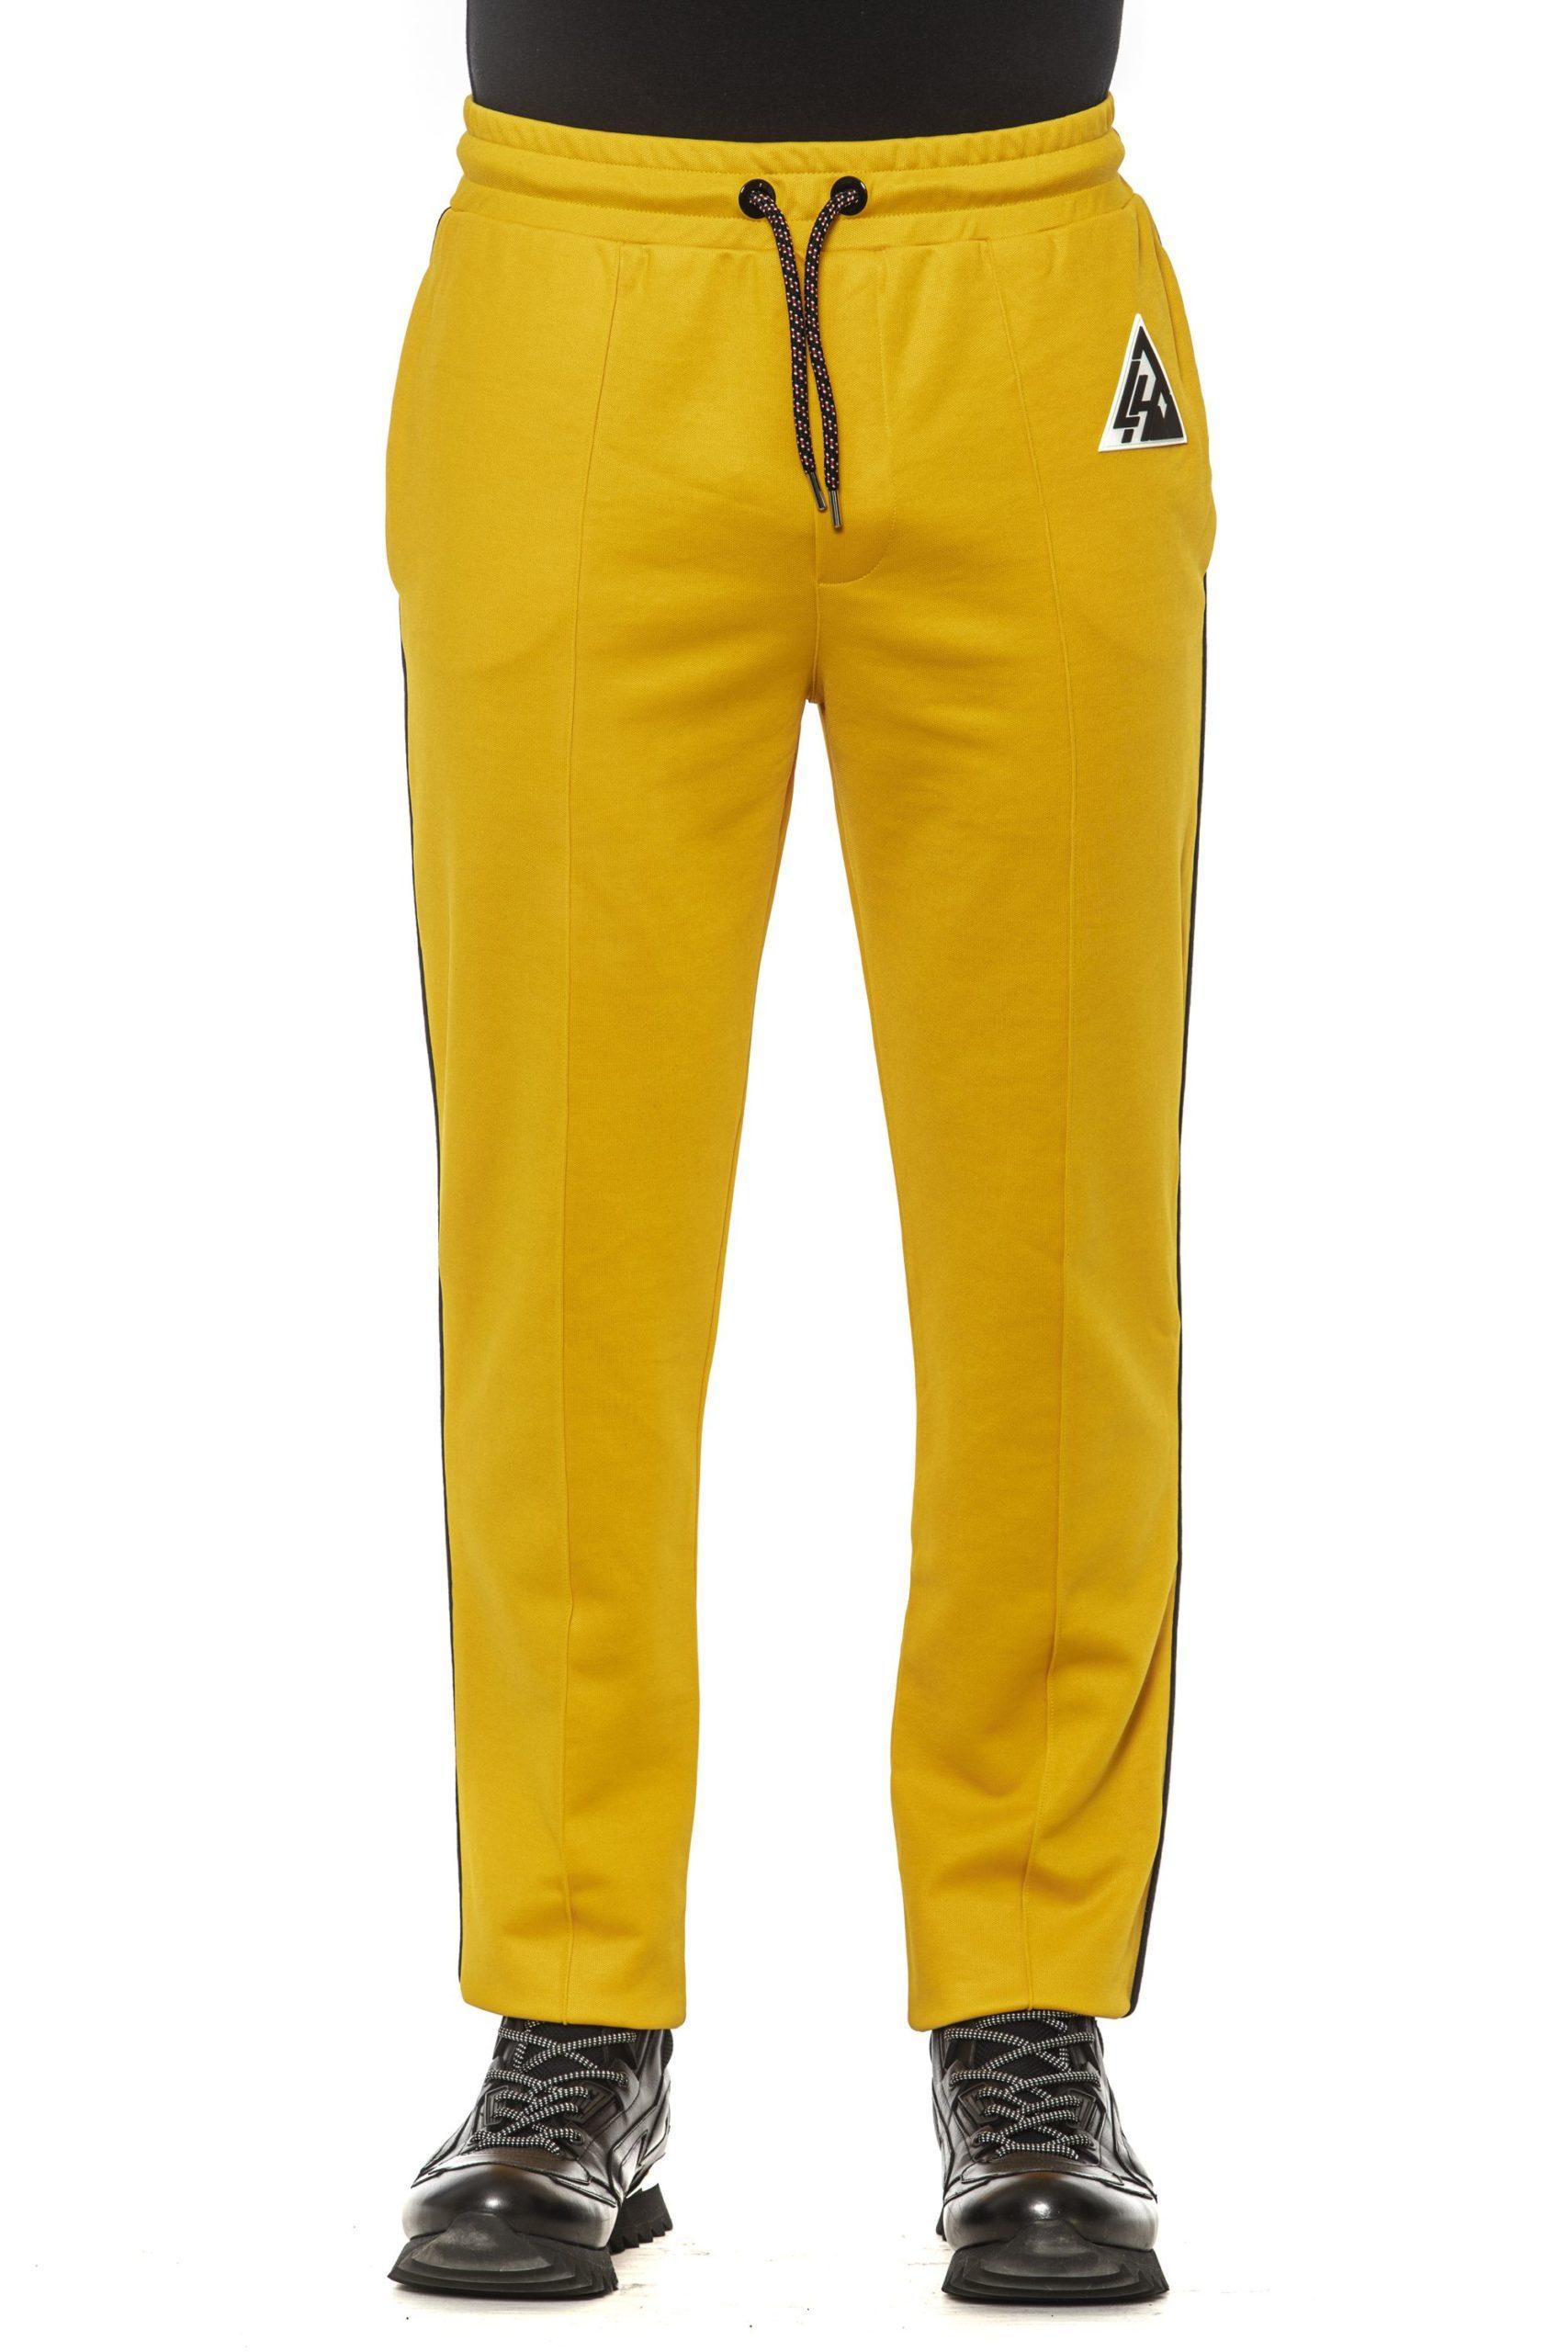 Les Hommes Men's Trouser Yellow LE1393552 - S